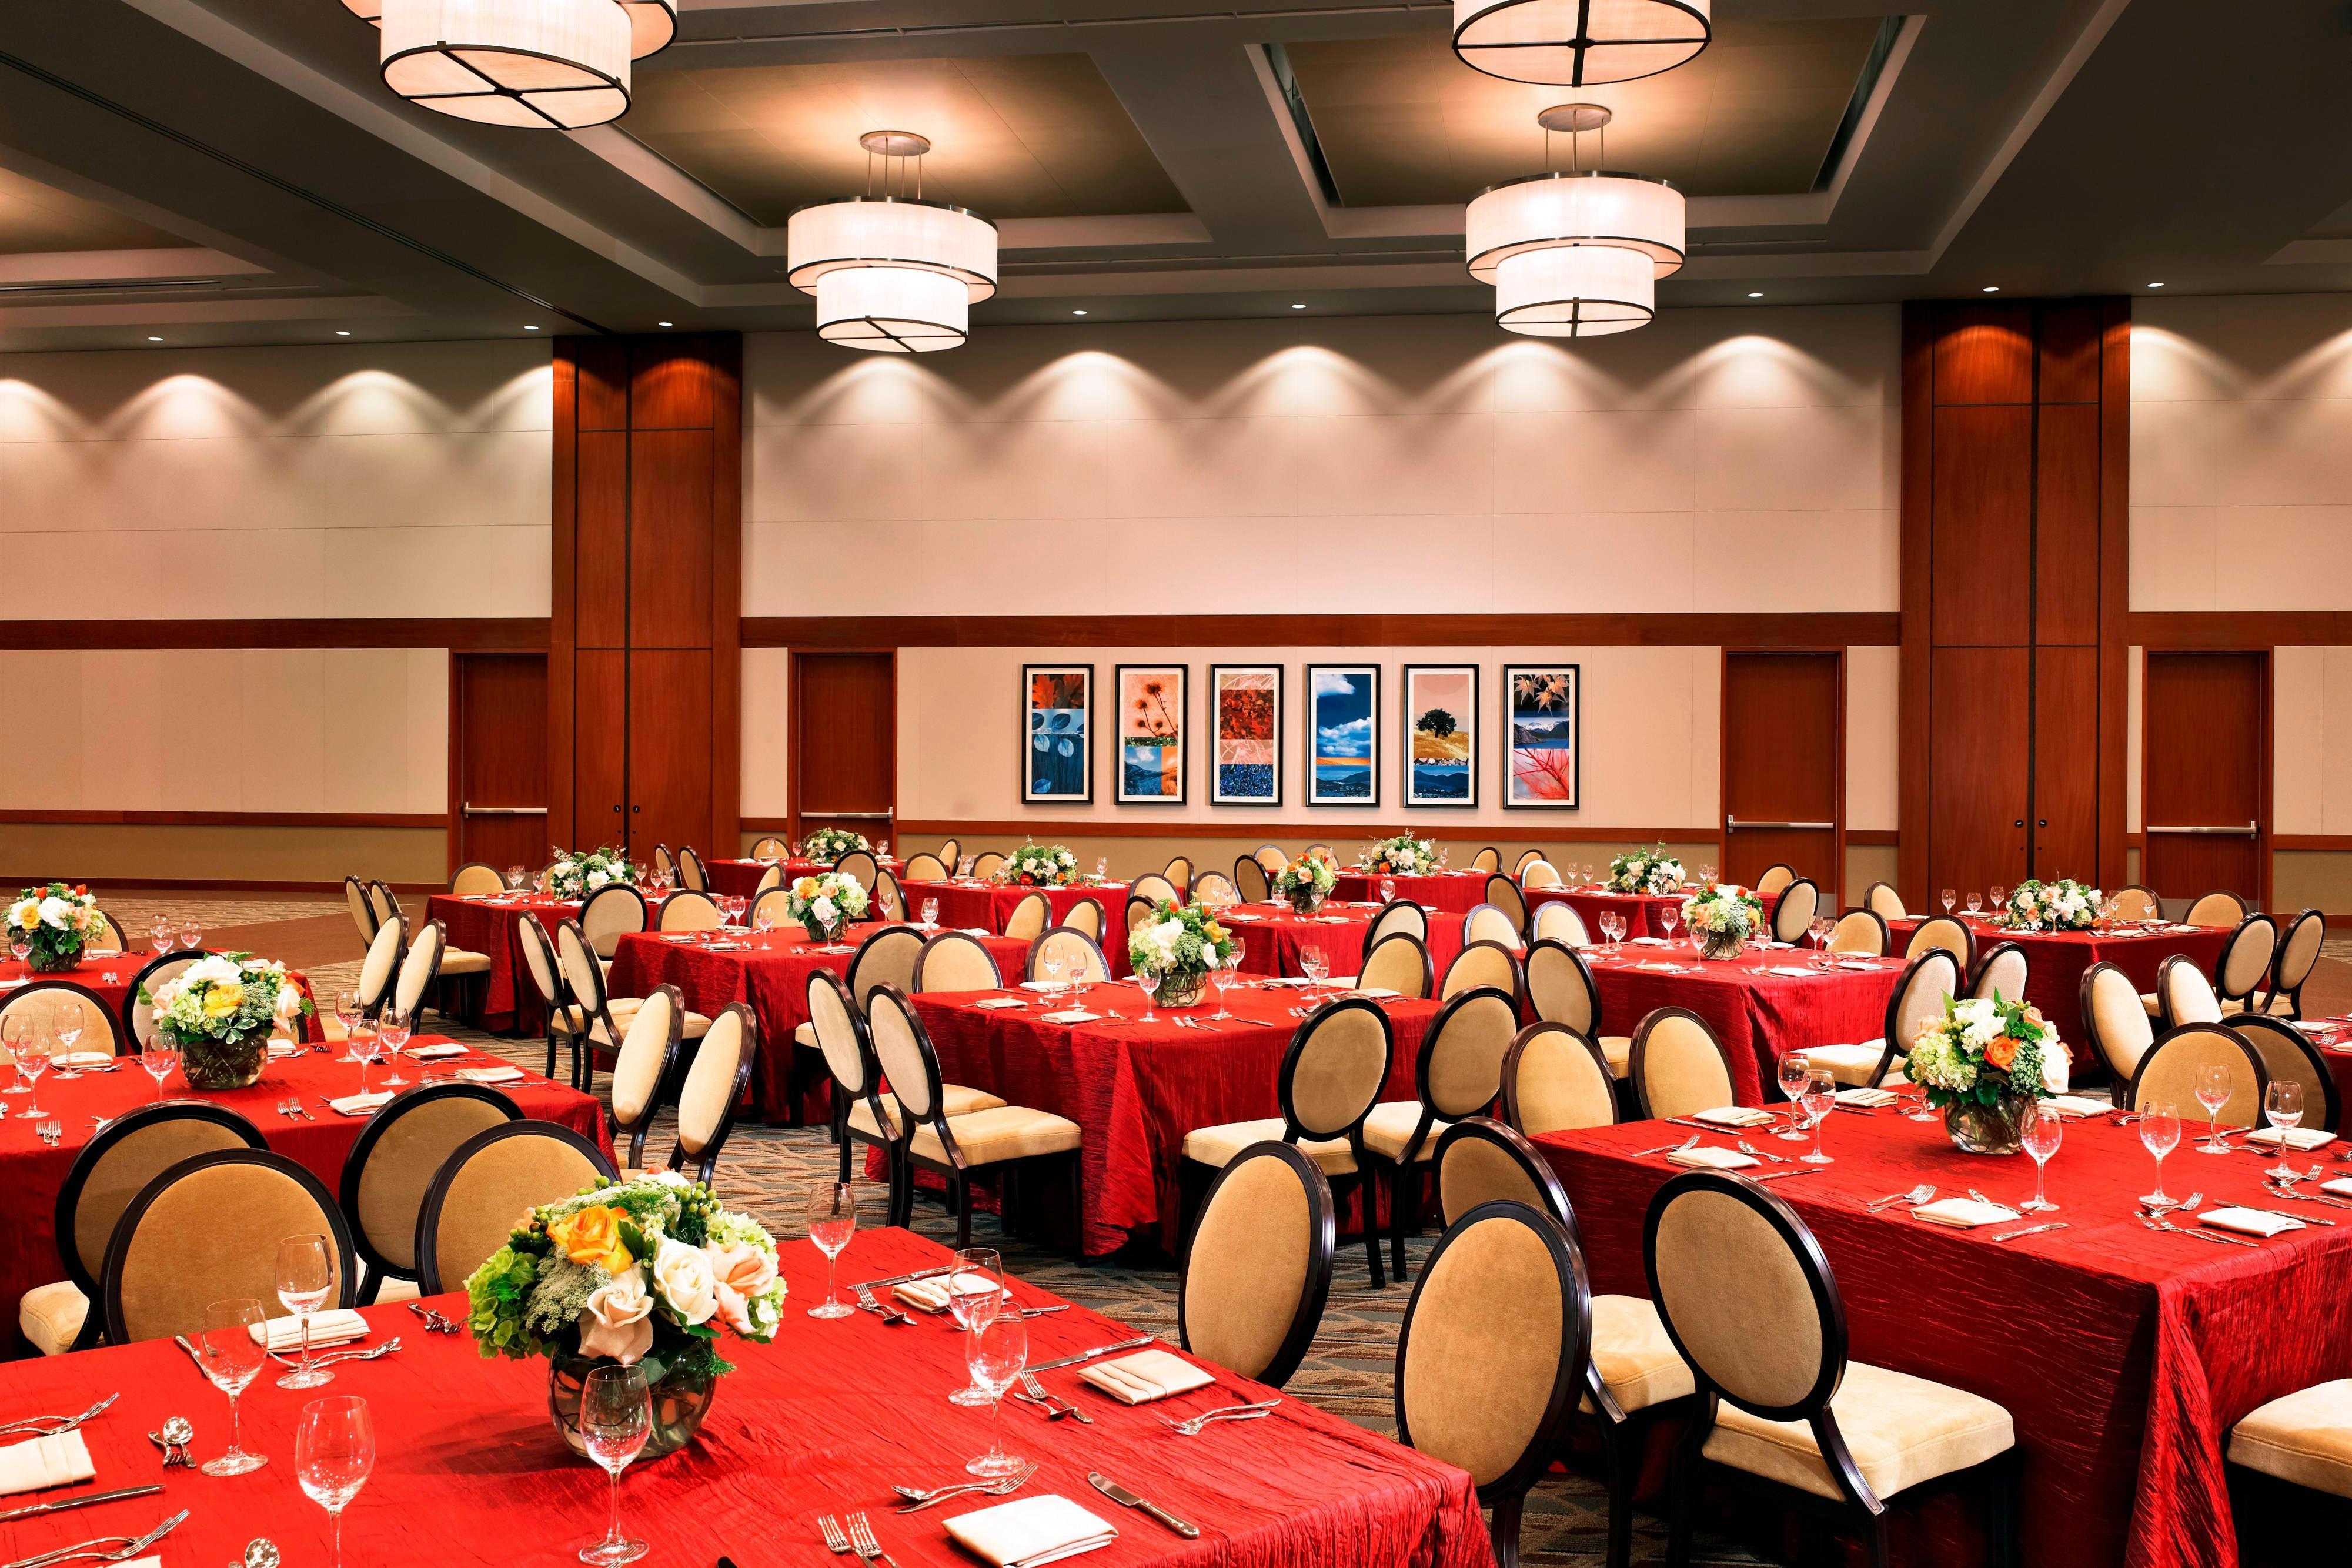 California Ballroom - social Event setup